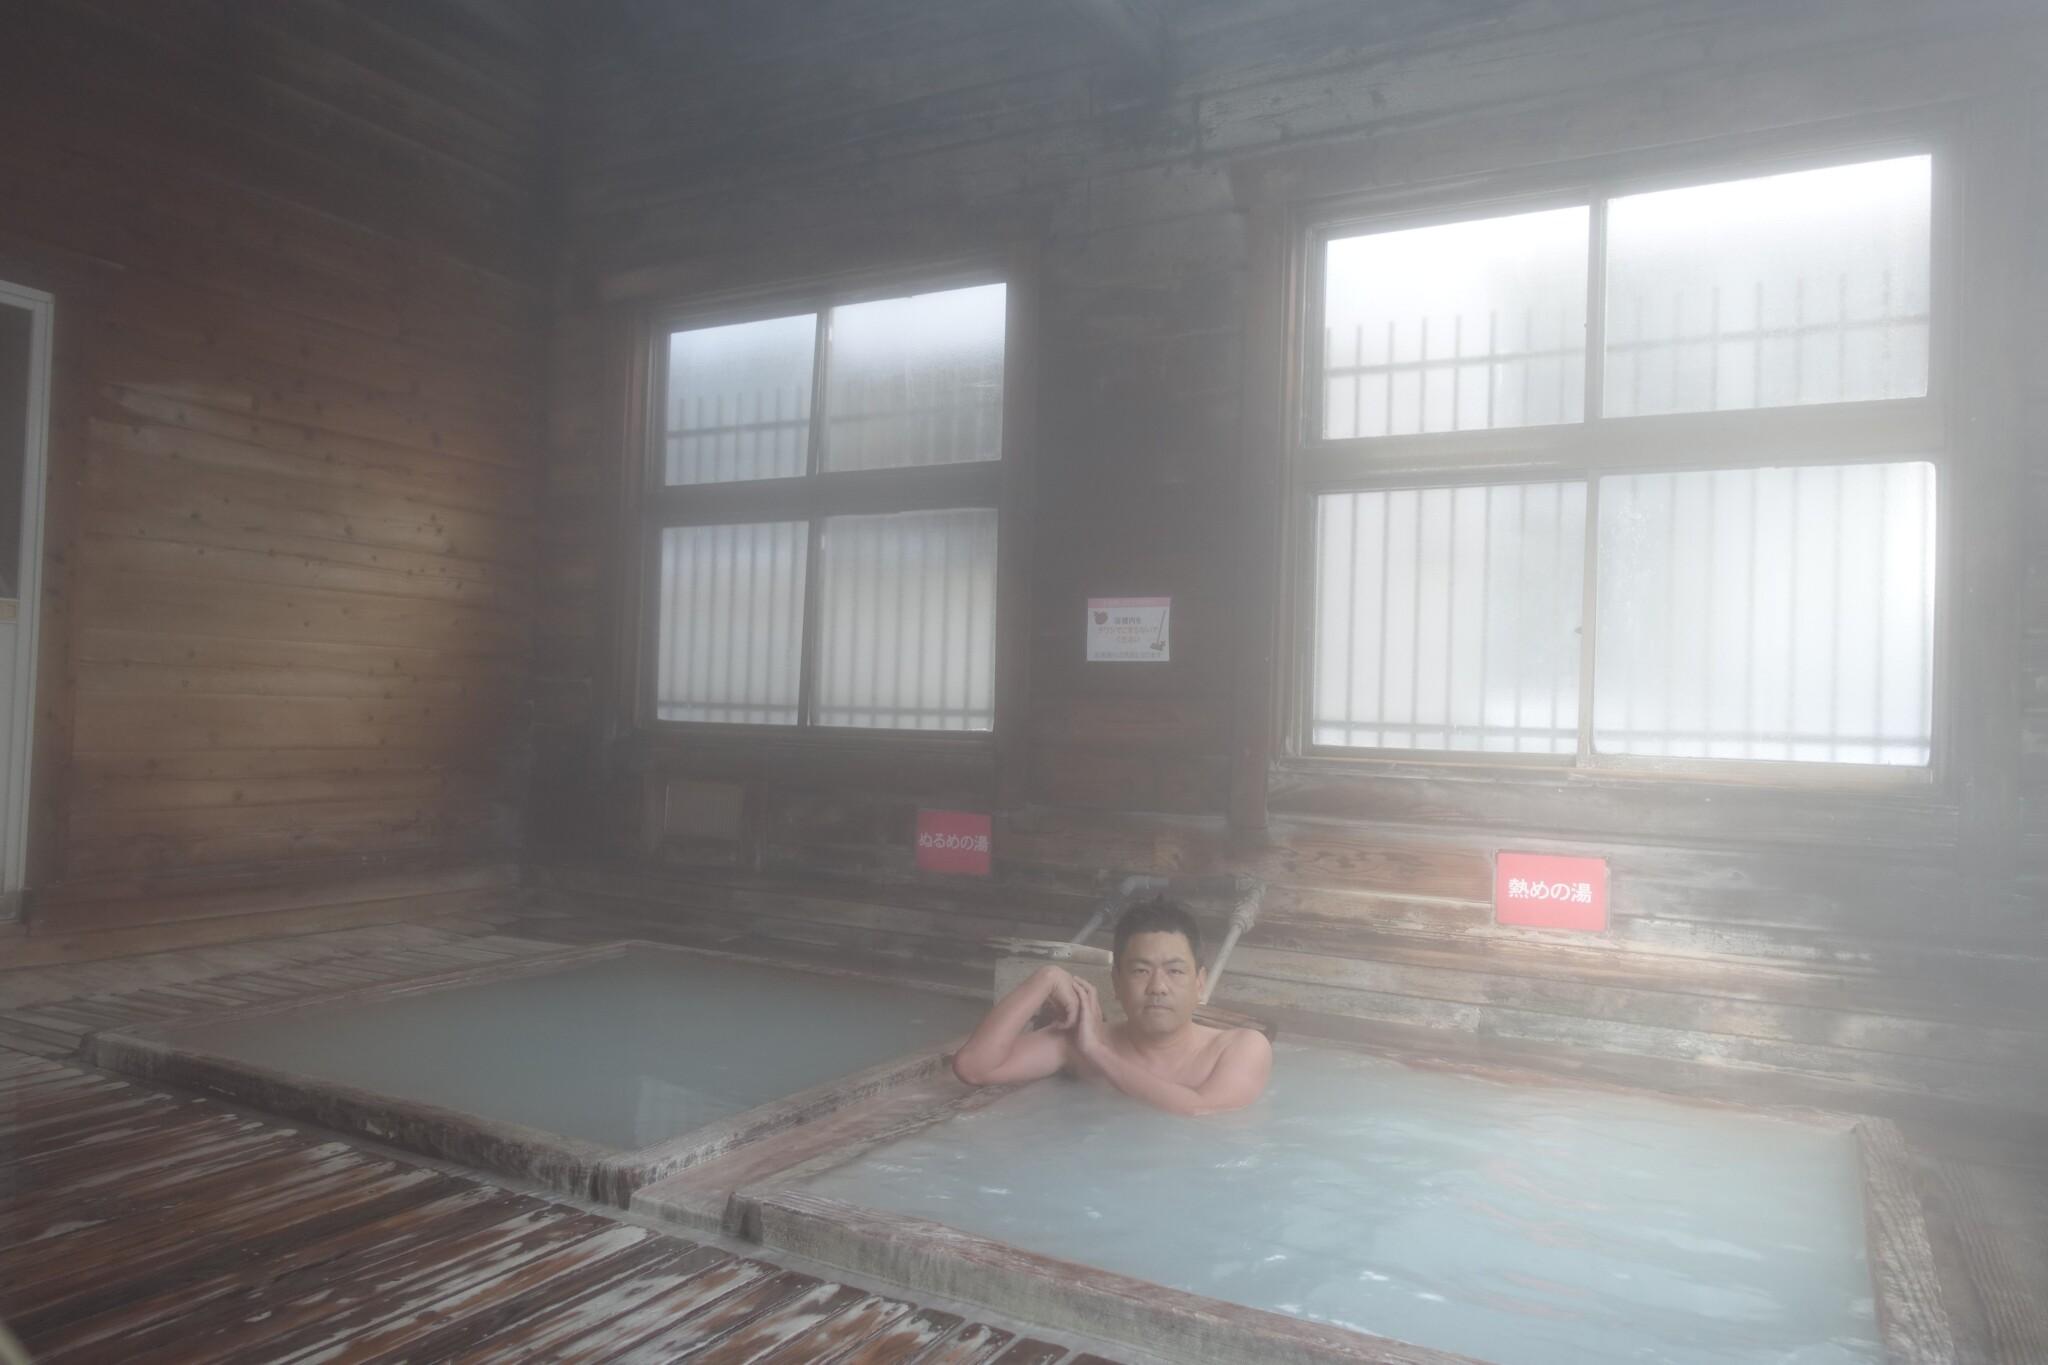 ふたたび温泉療養に戻る【那須湯本療養2】(その1~5)